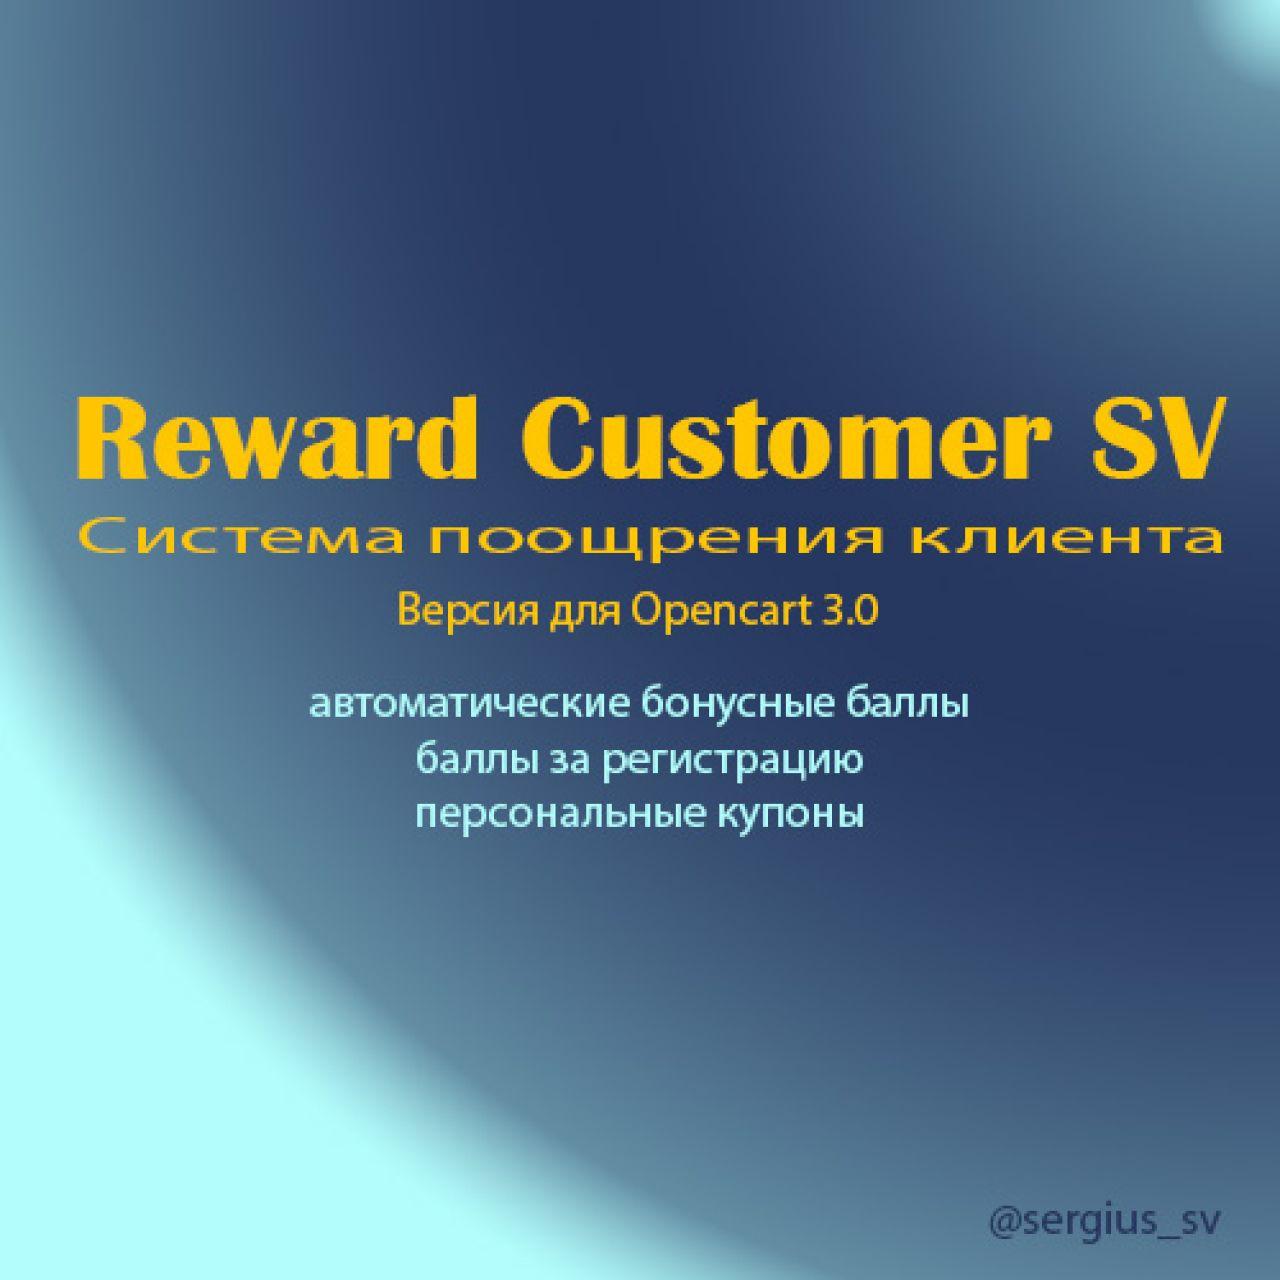 Система поощрения/лояльности клиента (3.0.x) v2.2.0.2 из категории Цены, скидки, акции для CMS OpenCart (ОпенКарт)